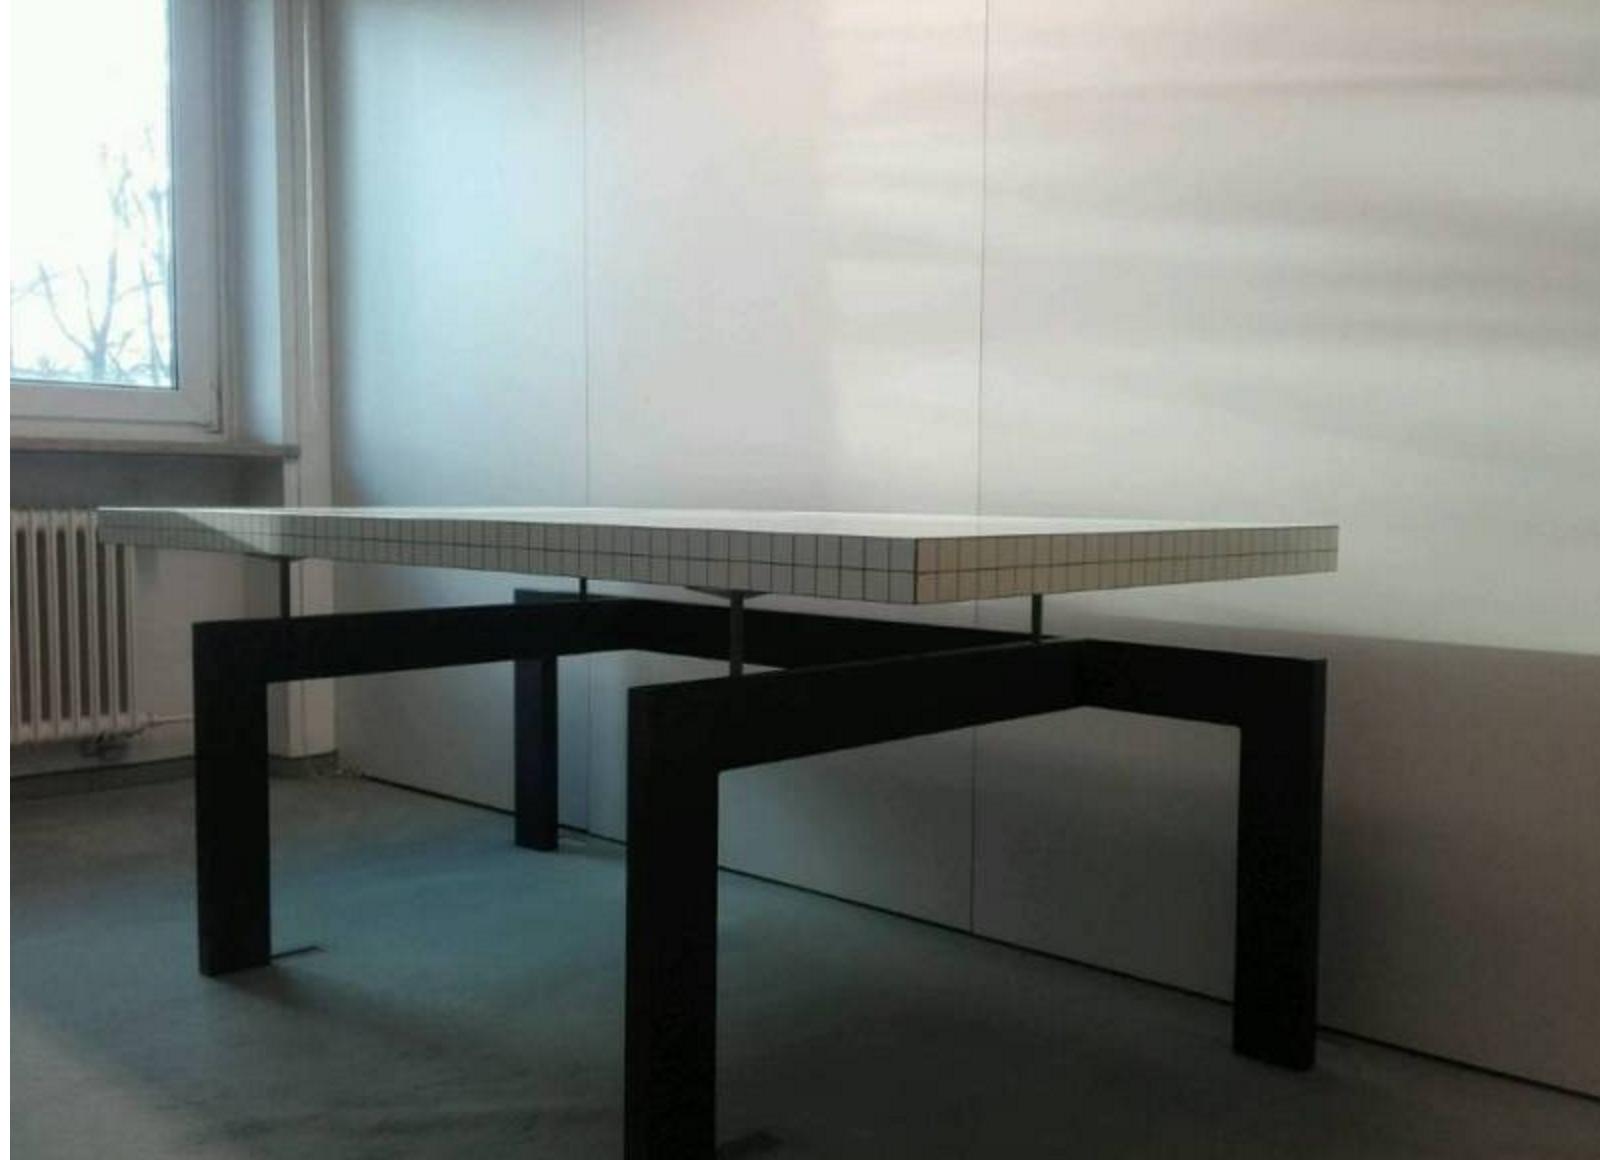 Wie hei t dieser tisch und von welche marke ist der tisch for Tisch bild von ivy design